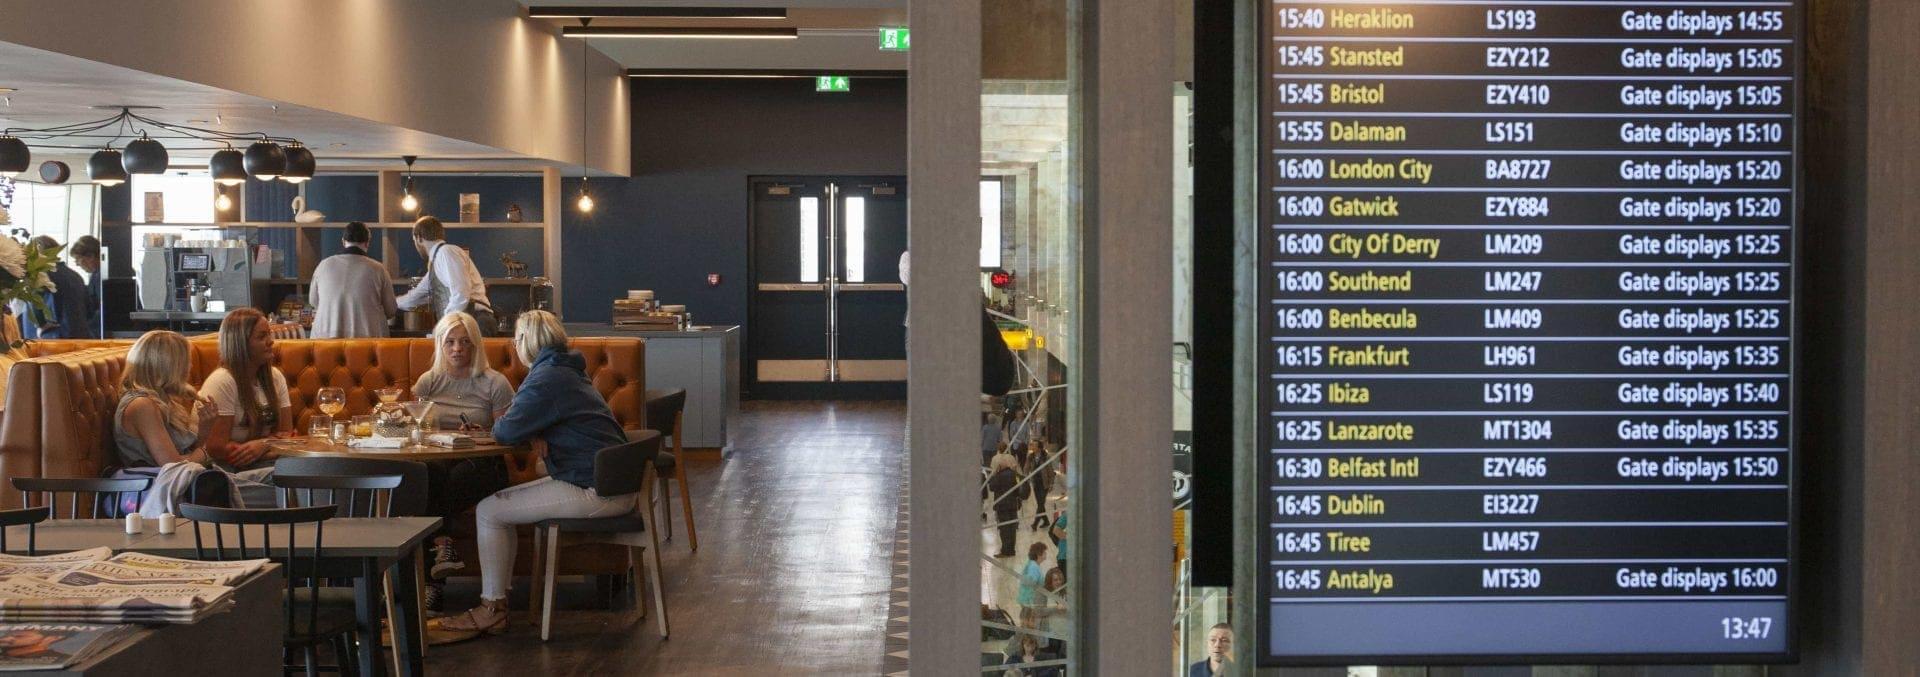 Imagen del Lomond Lounge del aeropuerto de Glasgow